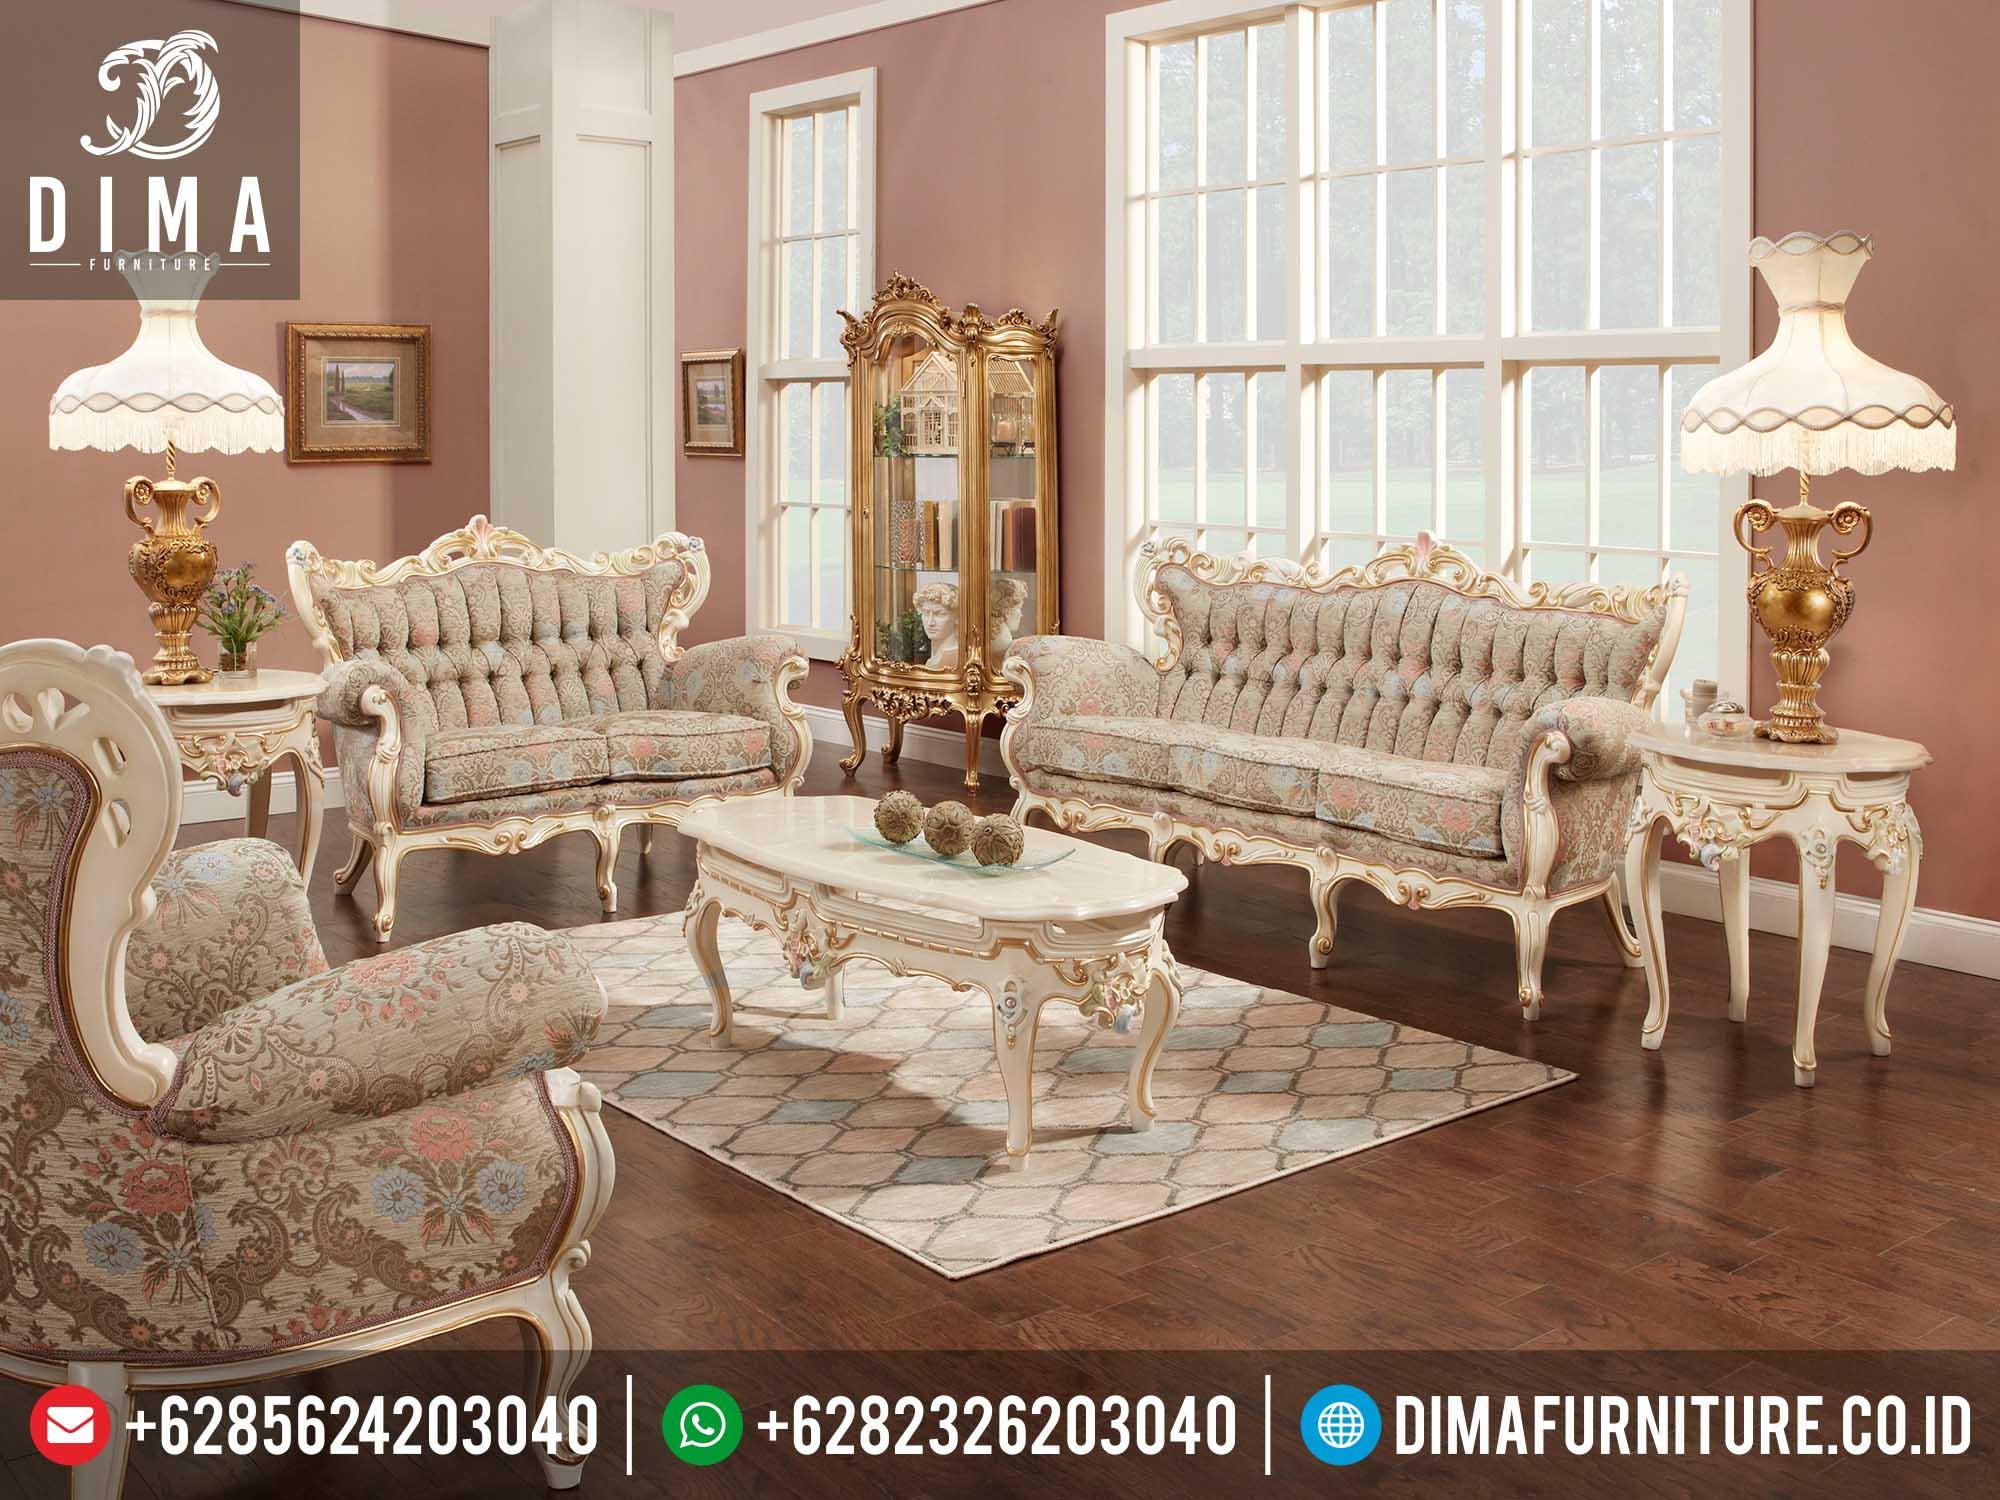 Mebel Ukir Jepara Terbaru 2016 Kursi Sofa Ruang Tamu Mewah Murah Tupelo DF-0120